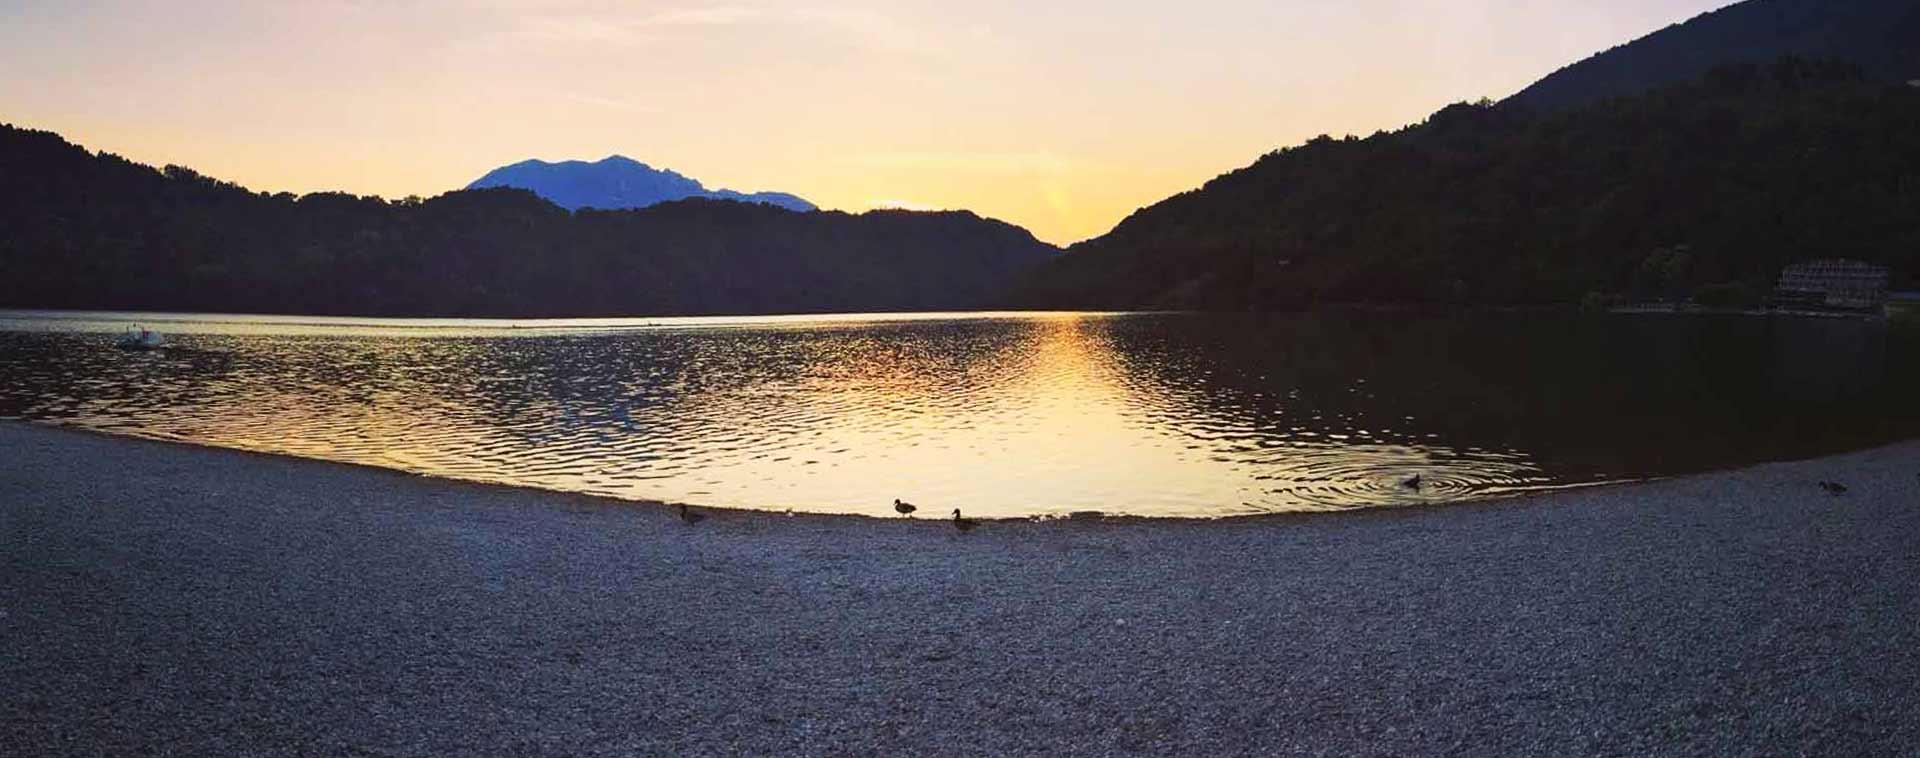 Lago di Levico: tramonto sul lago